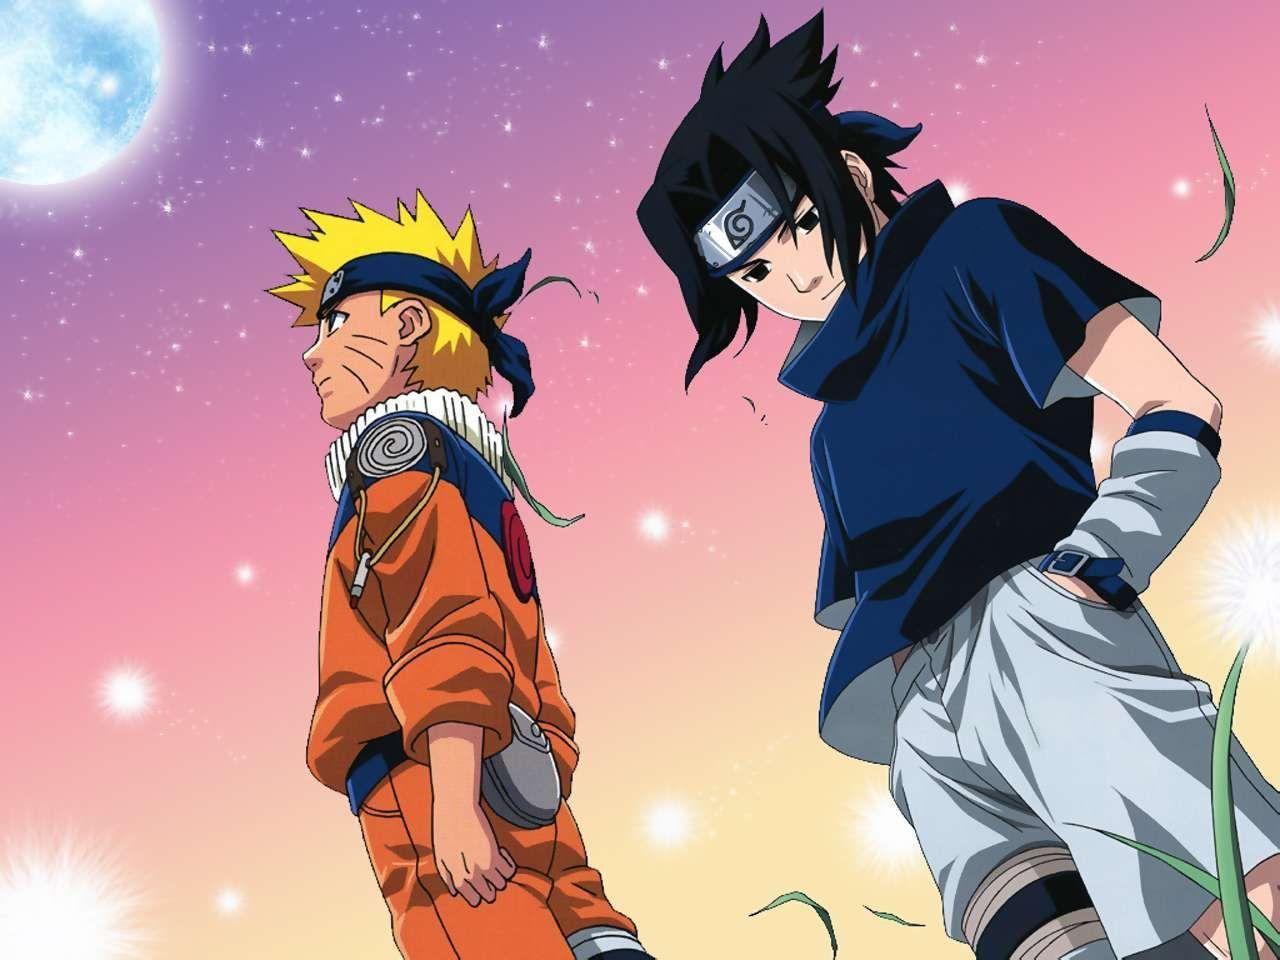 Naruto Shippuden Wallpaper 12 Naruto And Sasuke Wallpaper Naruto Art Naruto Vs Sasuke